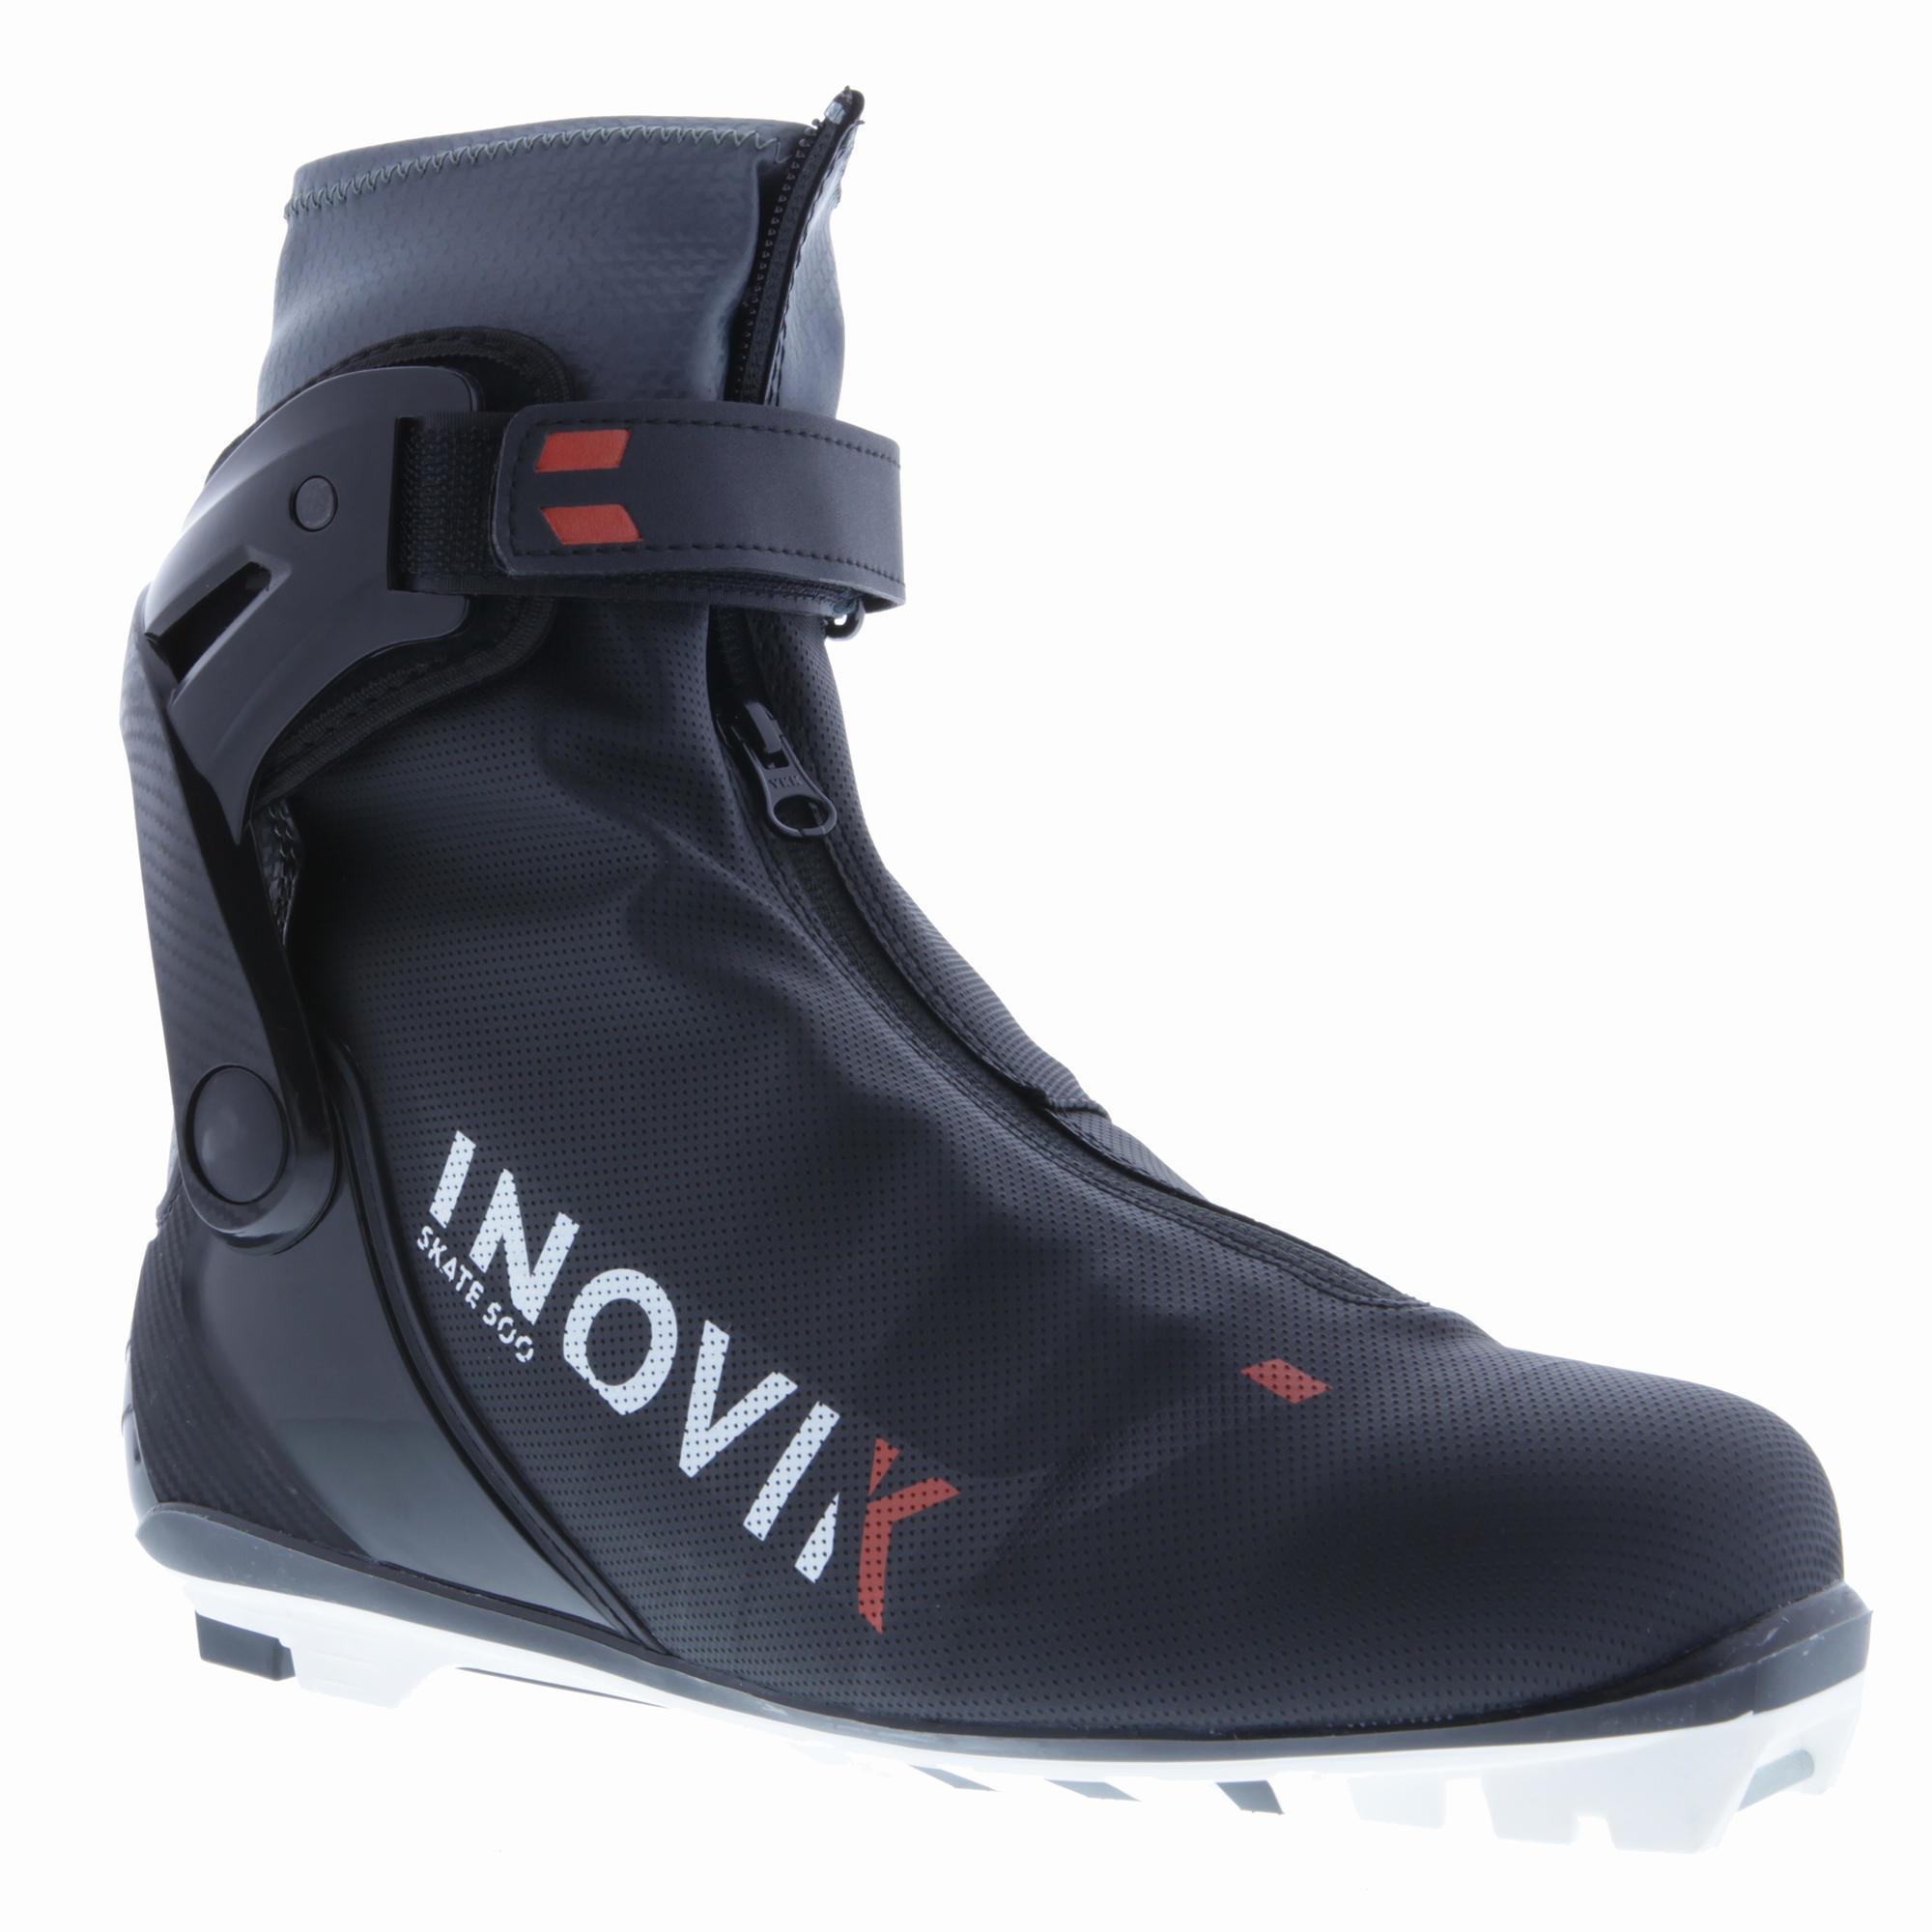 Inovik Skating langlaufschoenen voor volwassenen XC S BOOTS 500 zwart thumbnail